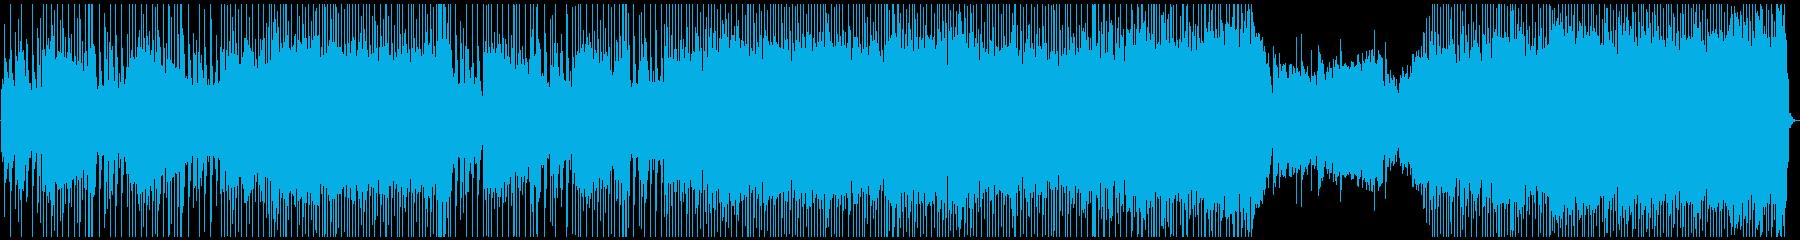 インディーロック 心に強く訴える ...の再生済みの波形